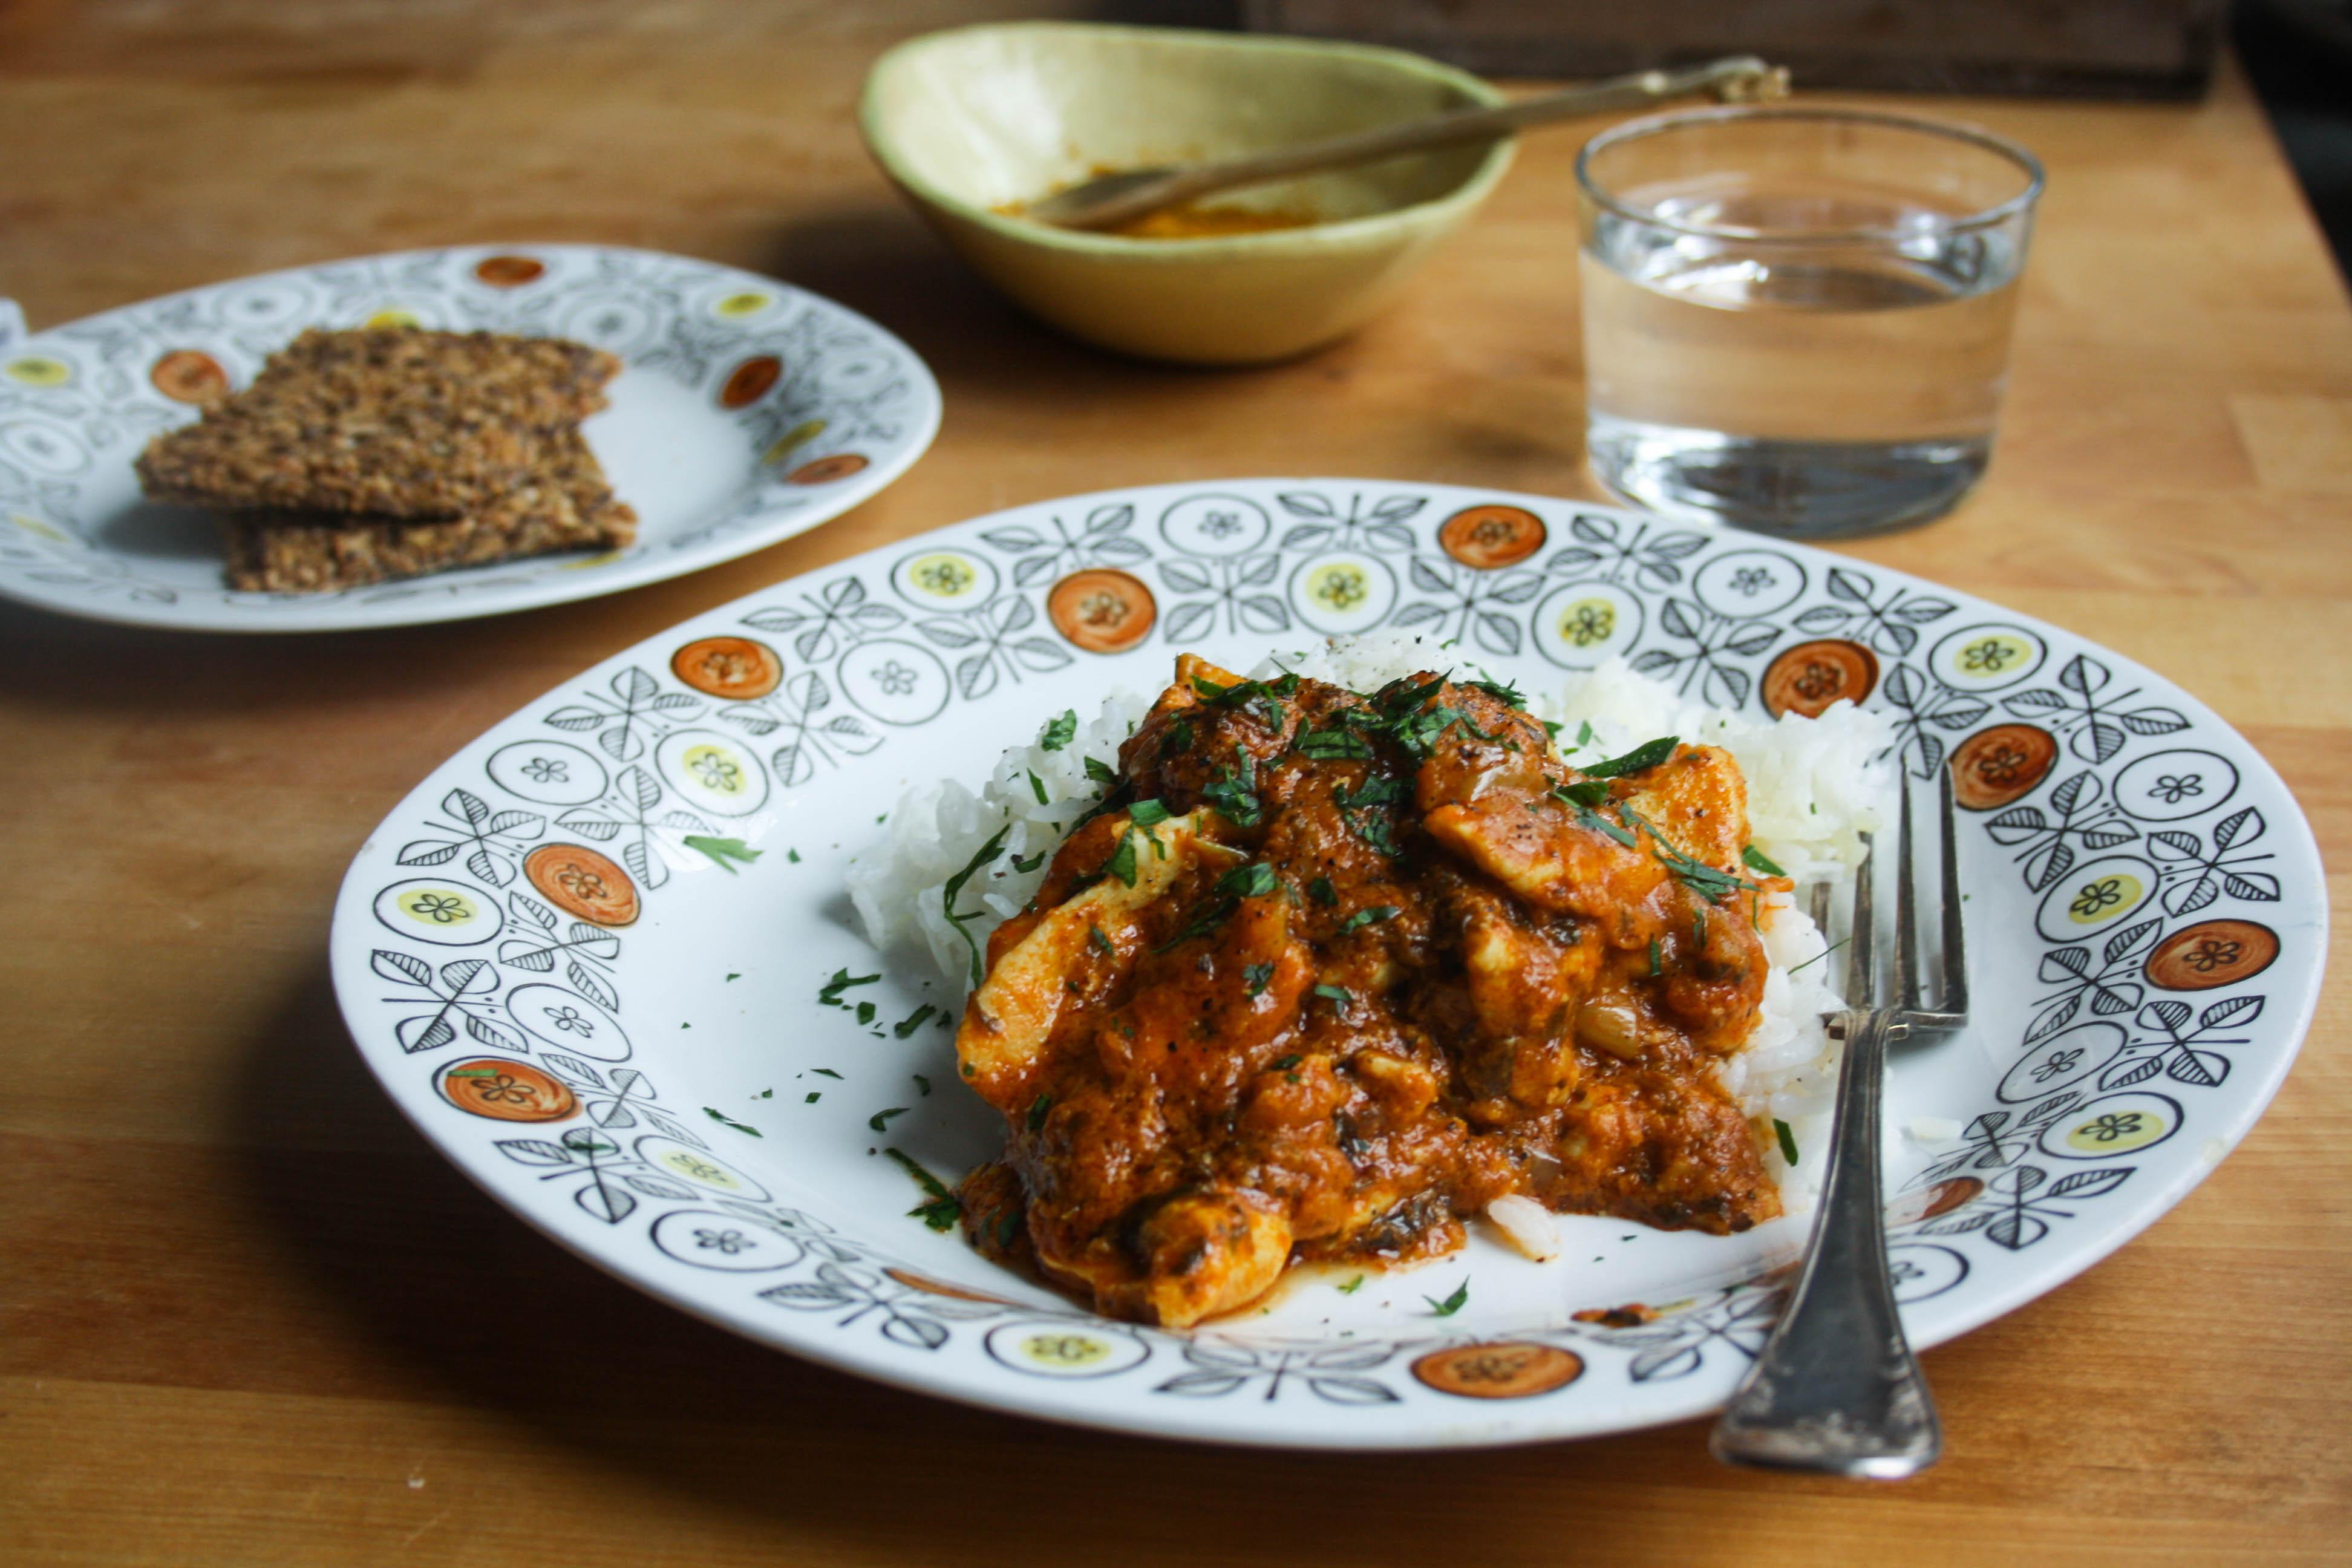 Halloumi & curry